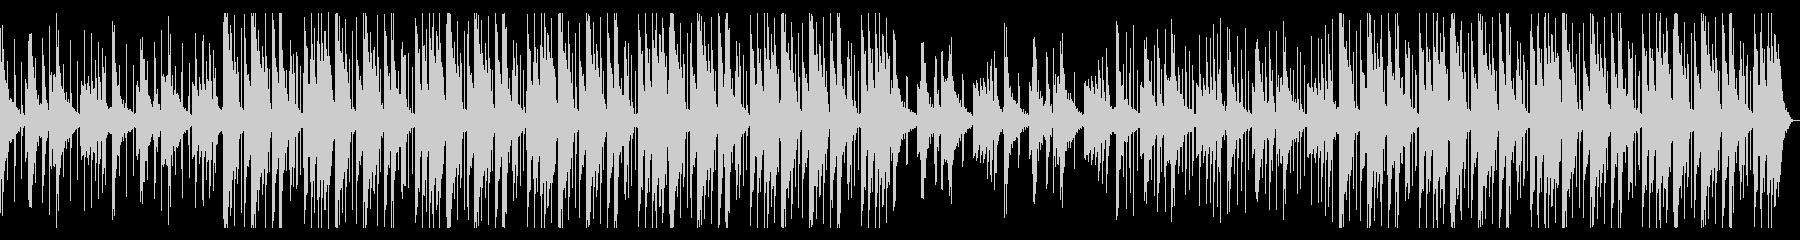 のんびりしたHiphop_No611_1の未再生の波形